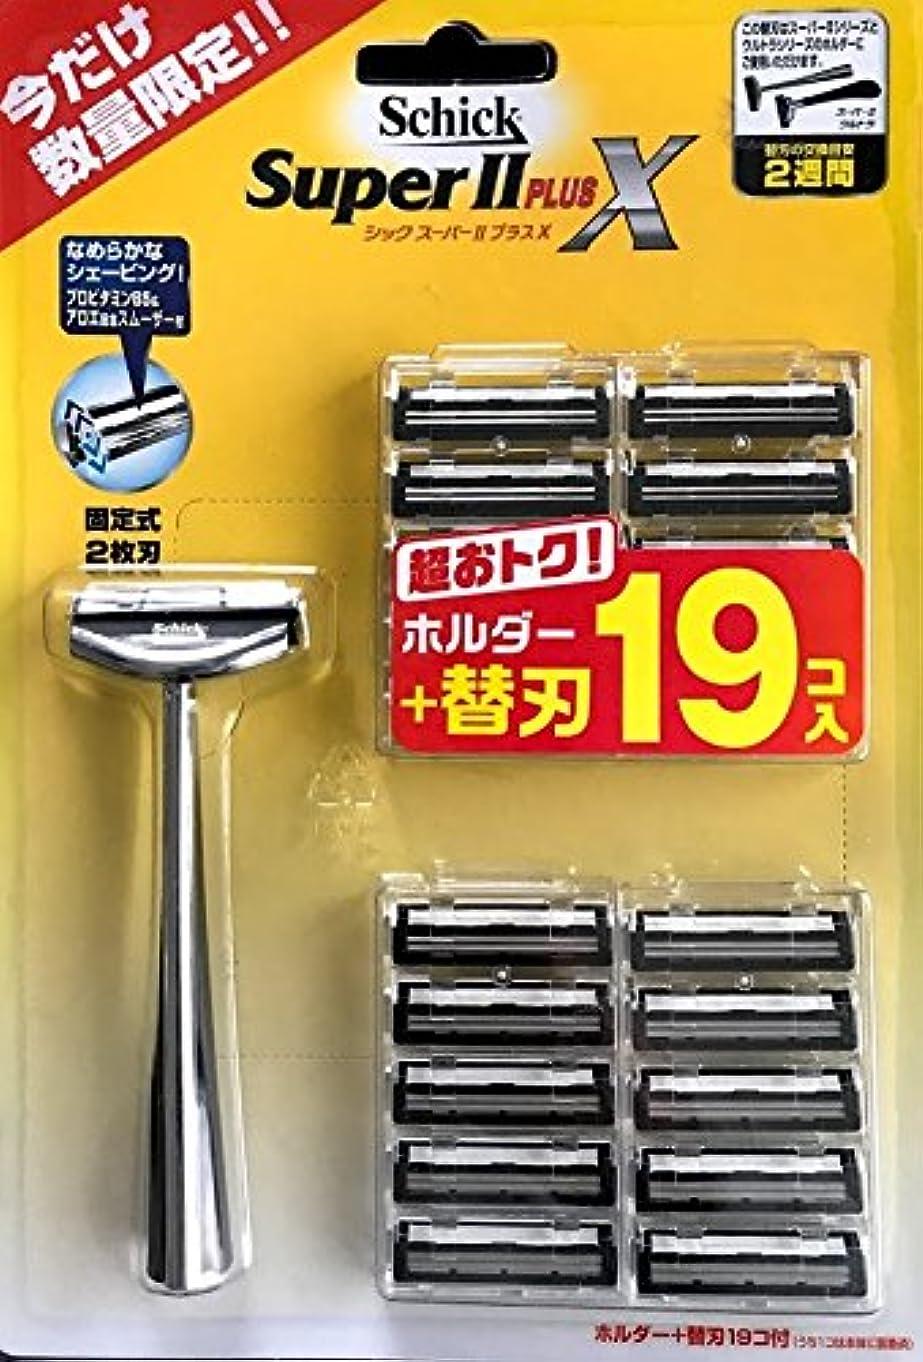 入り口連隊韓国語schick シック Super II PLUS X スーパIプラスX 本体+替刃19個 セット